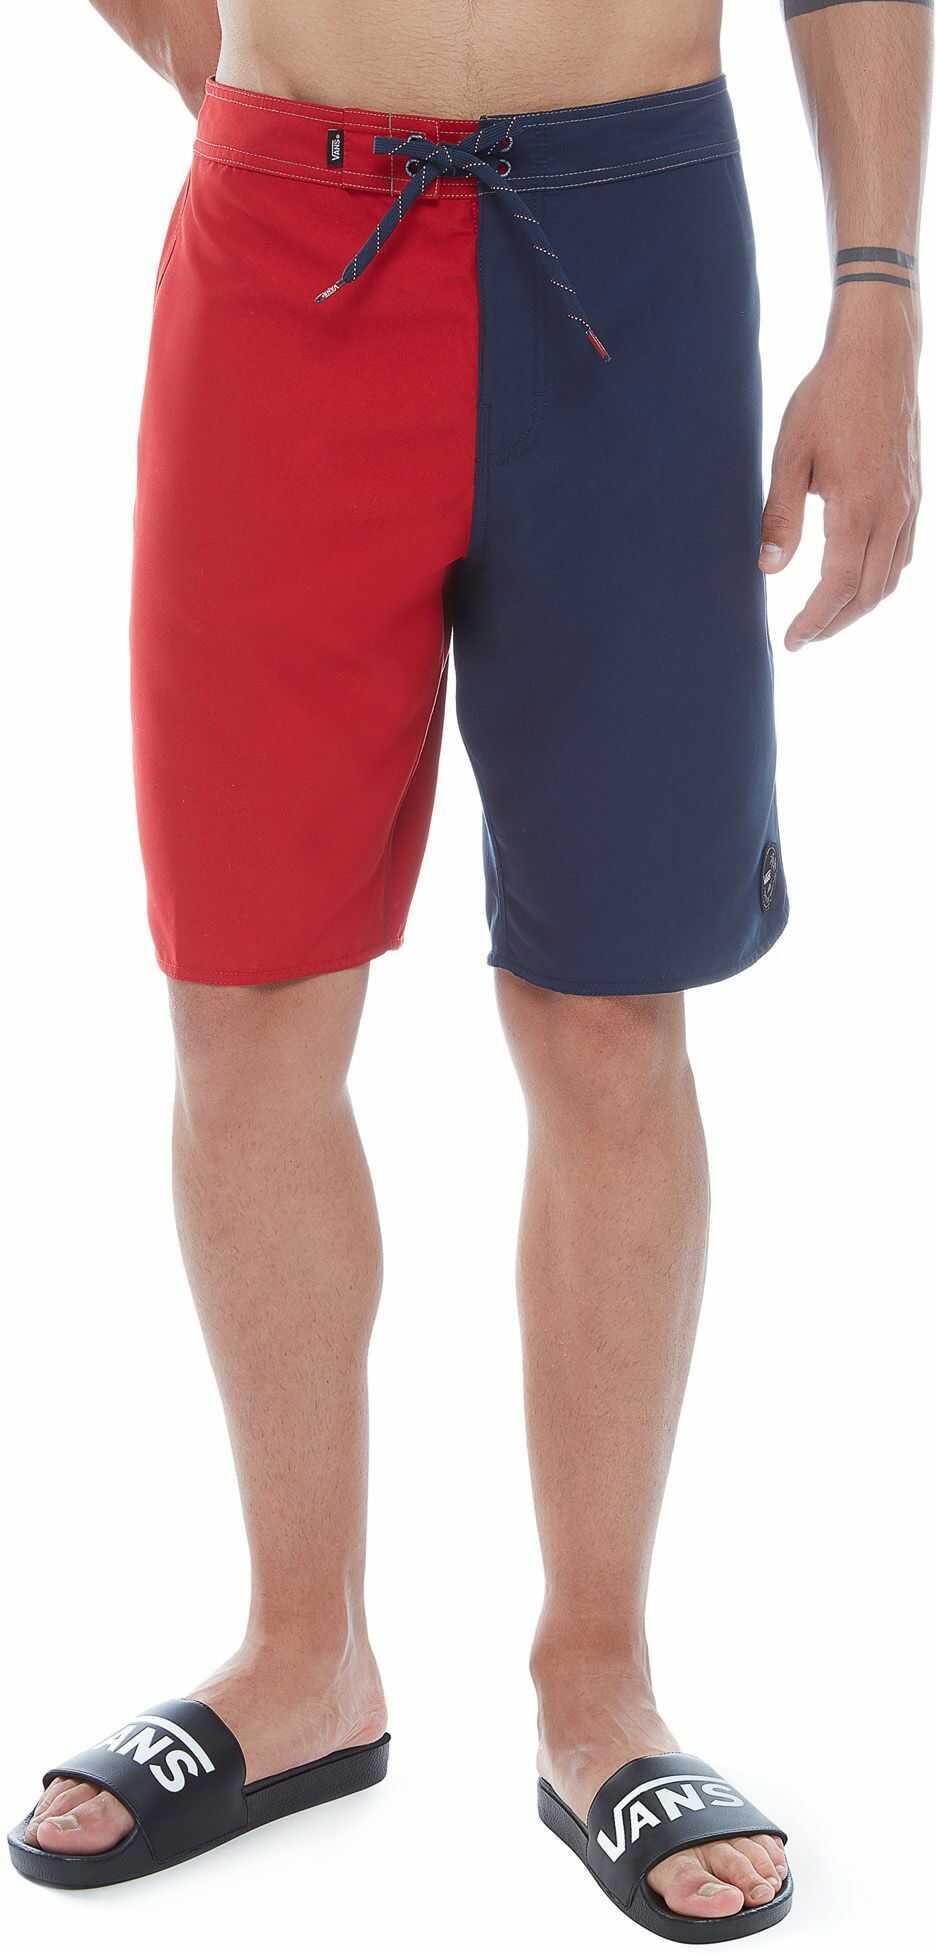 szorty kąpielowe mięske VANS PRIME II BOARDSHORTS Dress Blues/Red